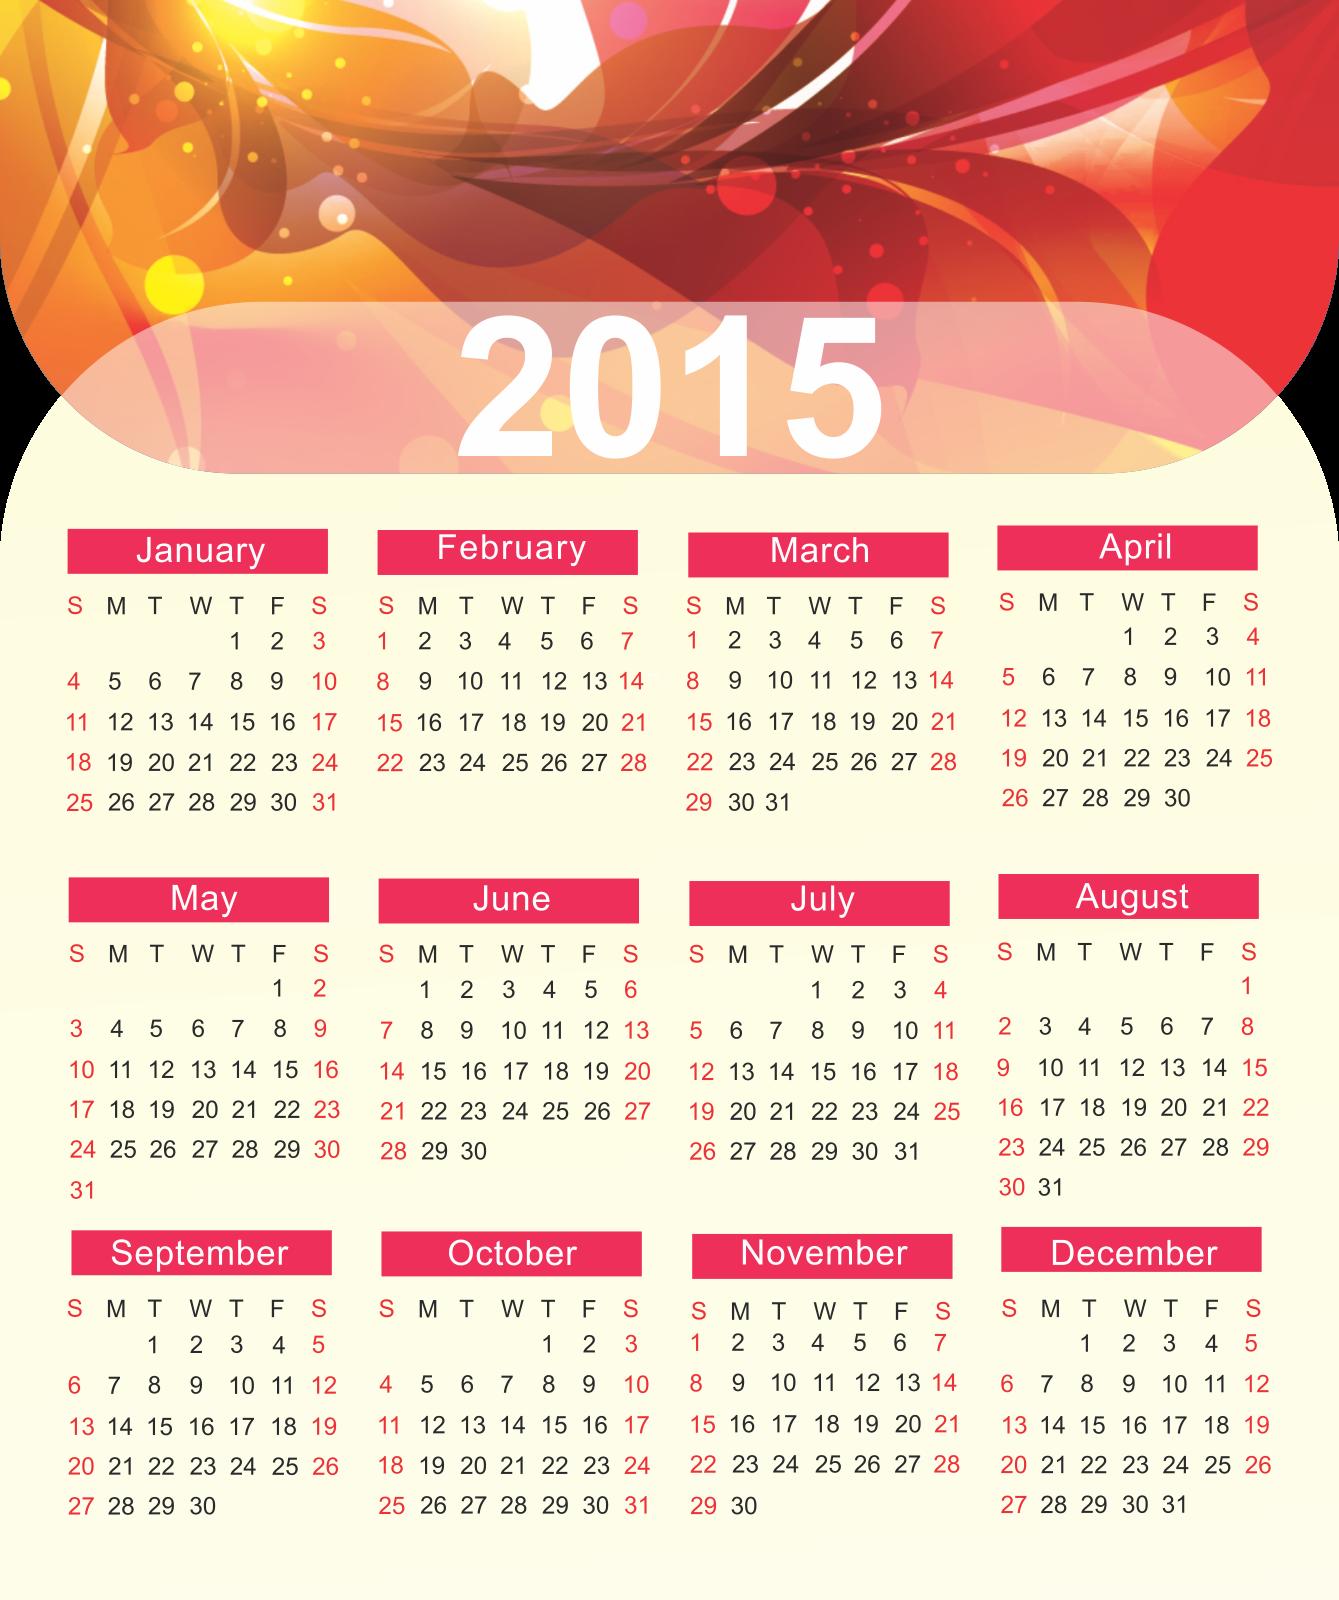 Ảnh nền lịch 2015 đẹp